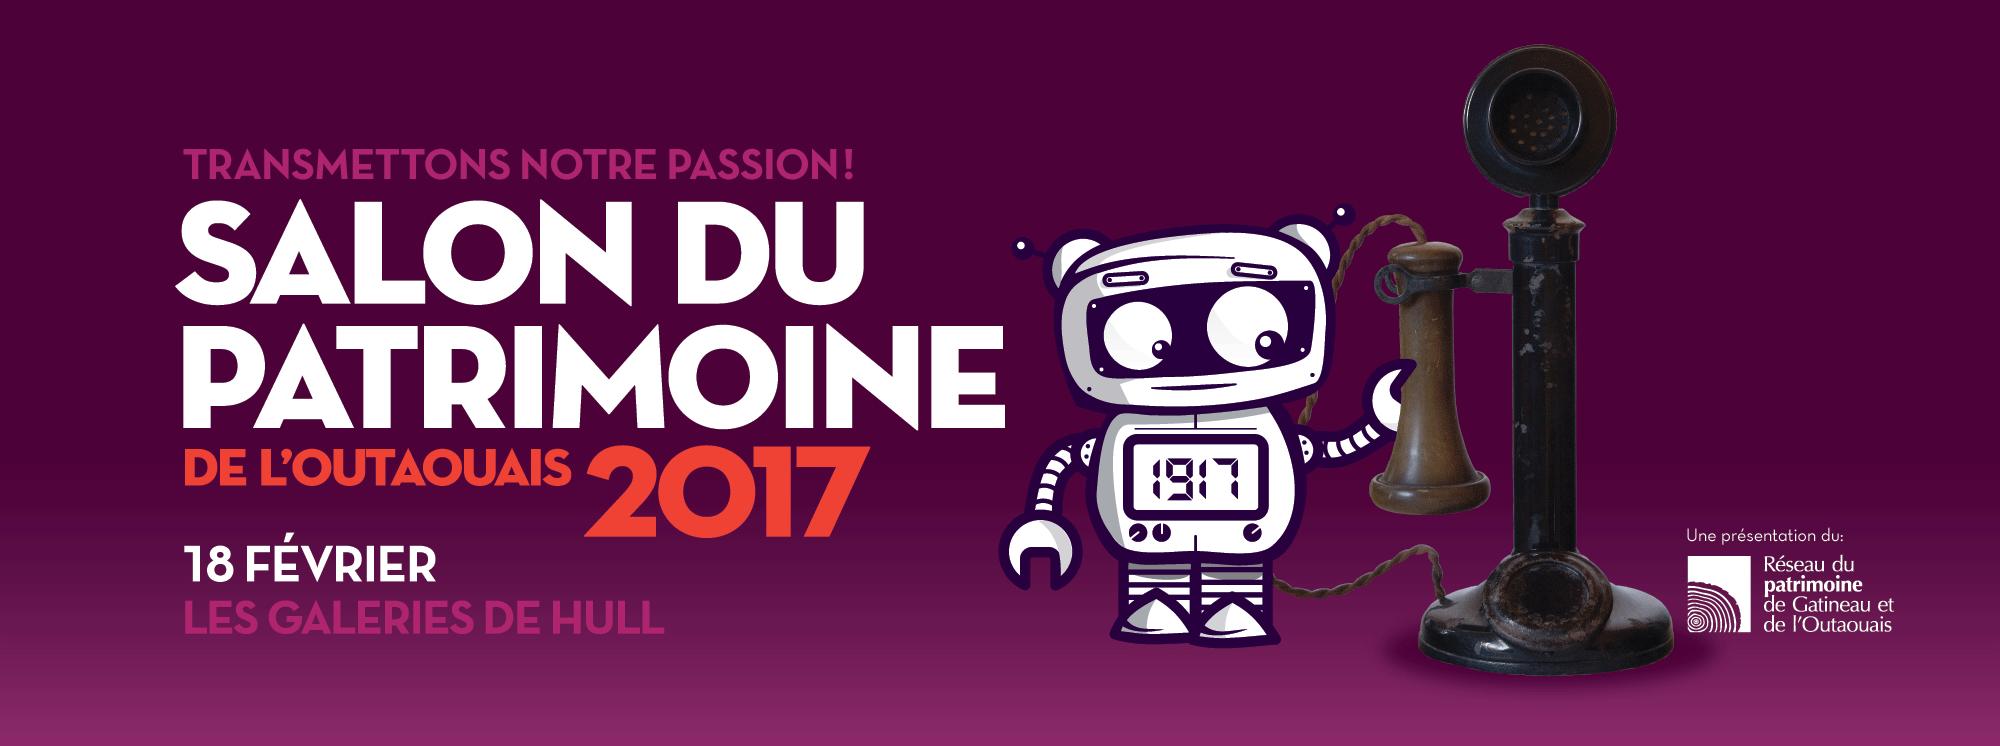 Salon du patrimoine de l outaouais 2017 transmettons for Salon du reptile 2017